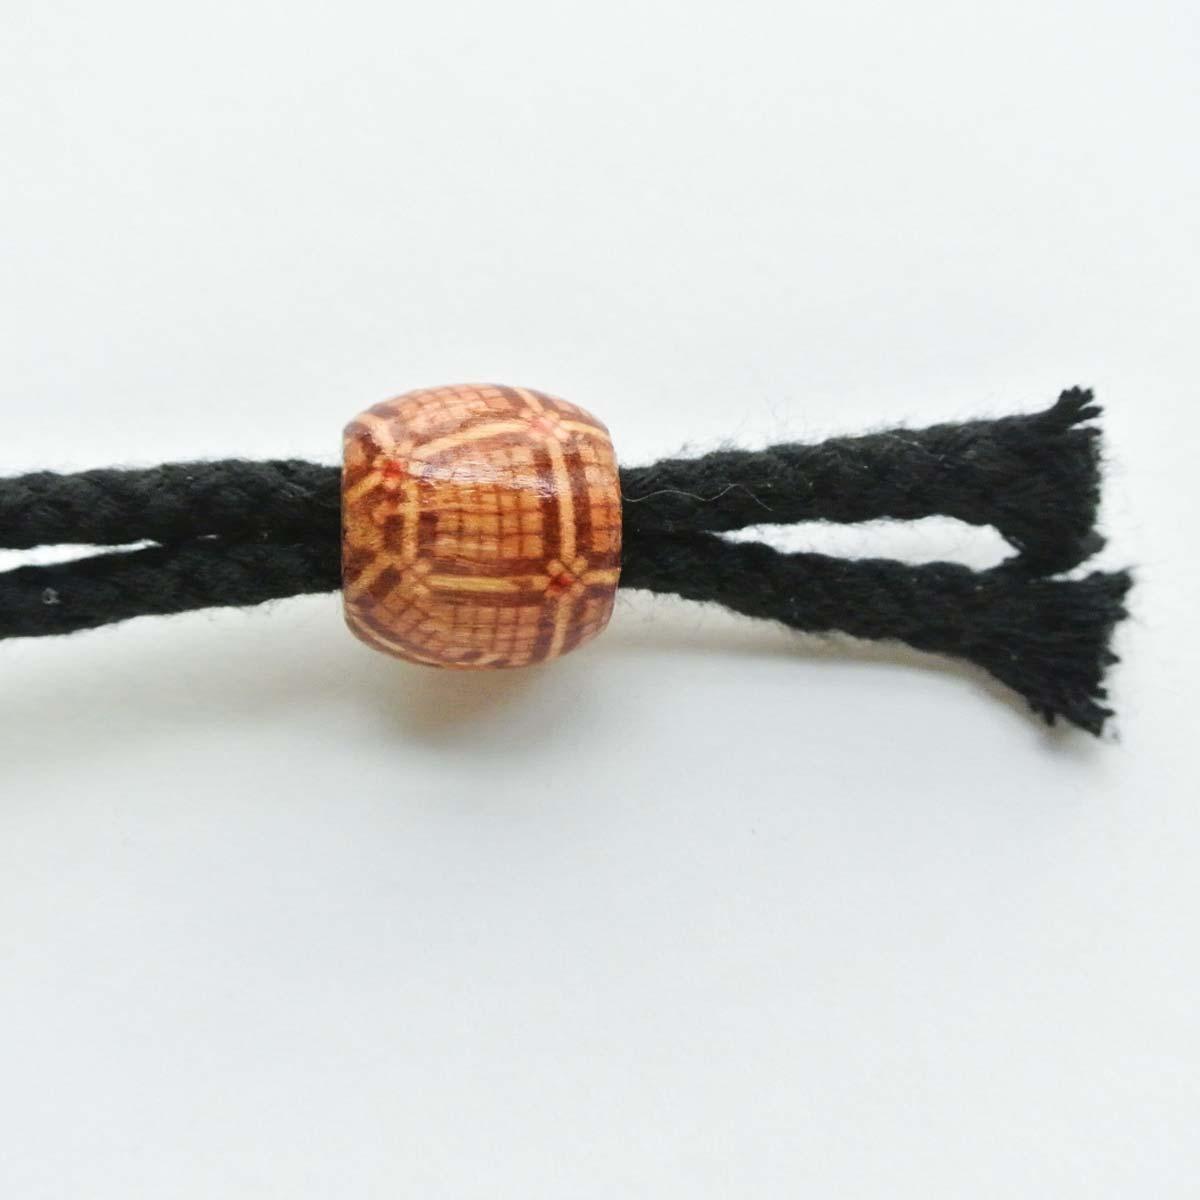 Beads on end of Drawstring. DIY dice bag pattern